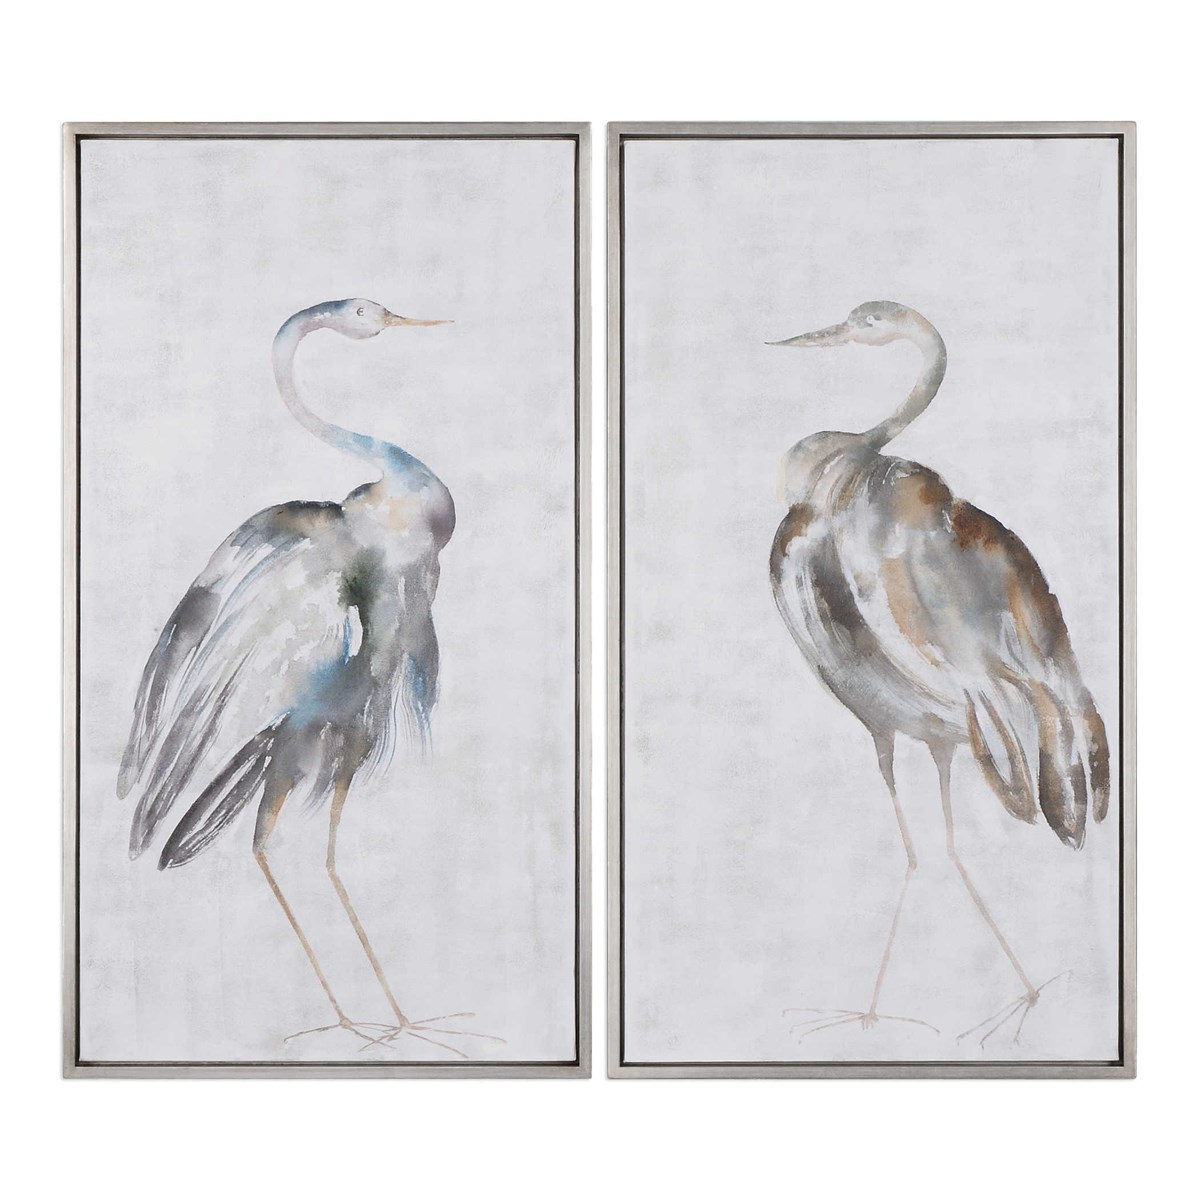 Watchful Bird I and II